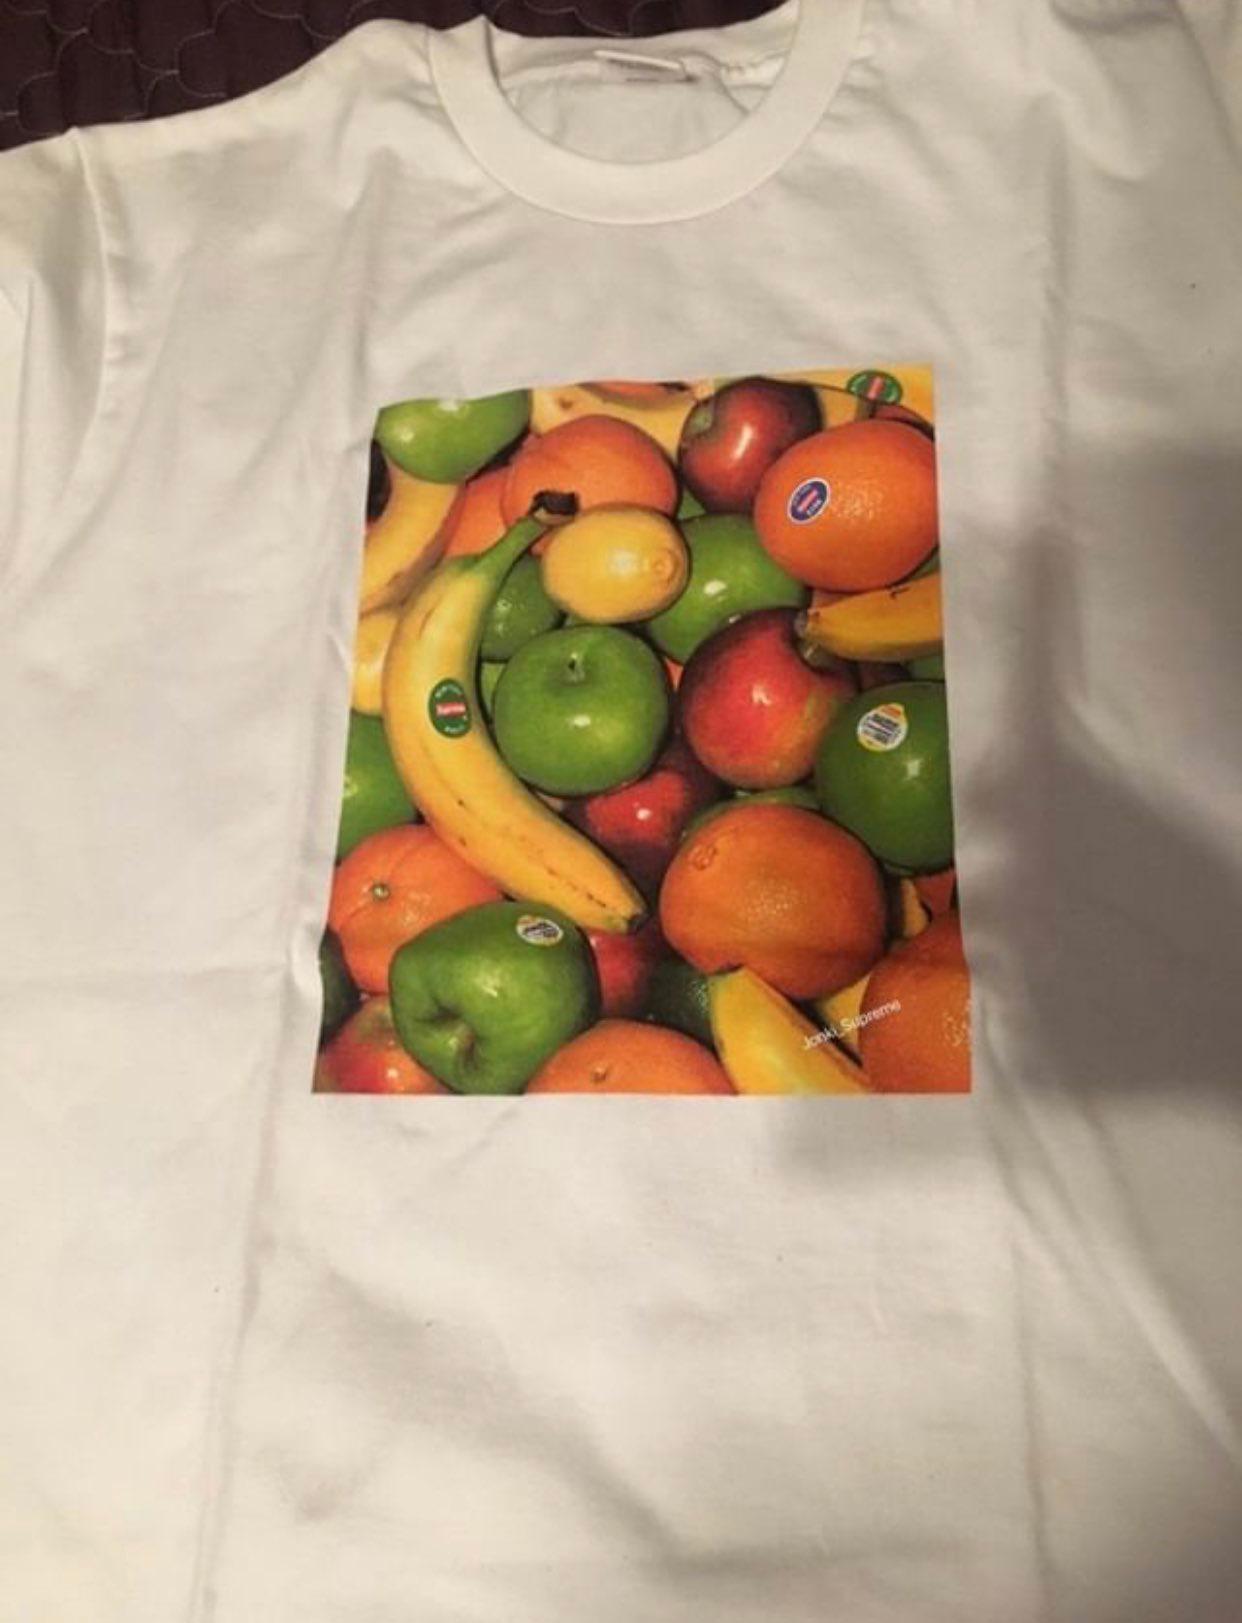 supreme シュプリーム リーク 2019ss 19ss Fruit Tee